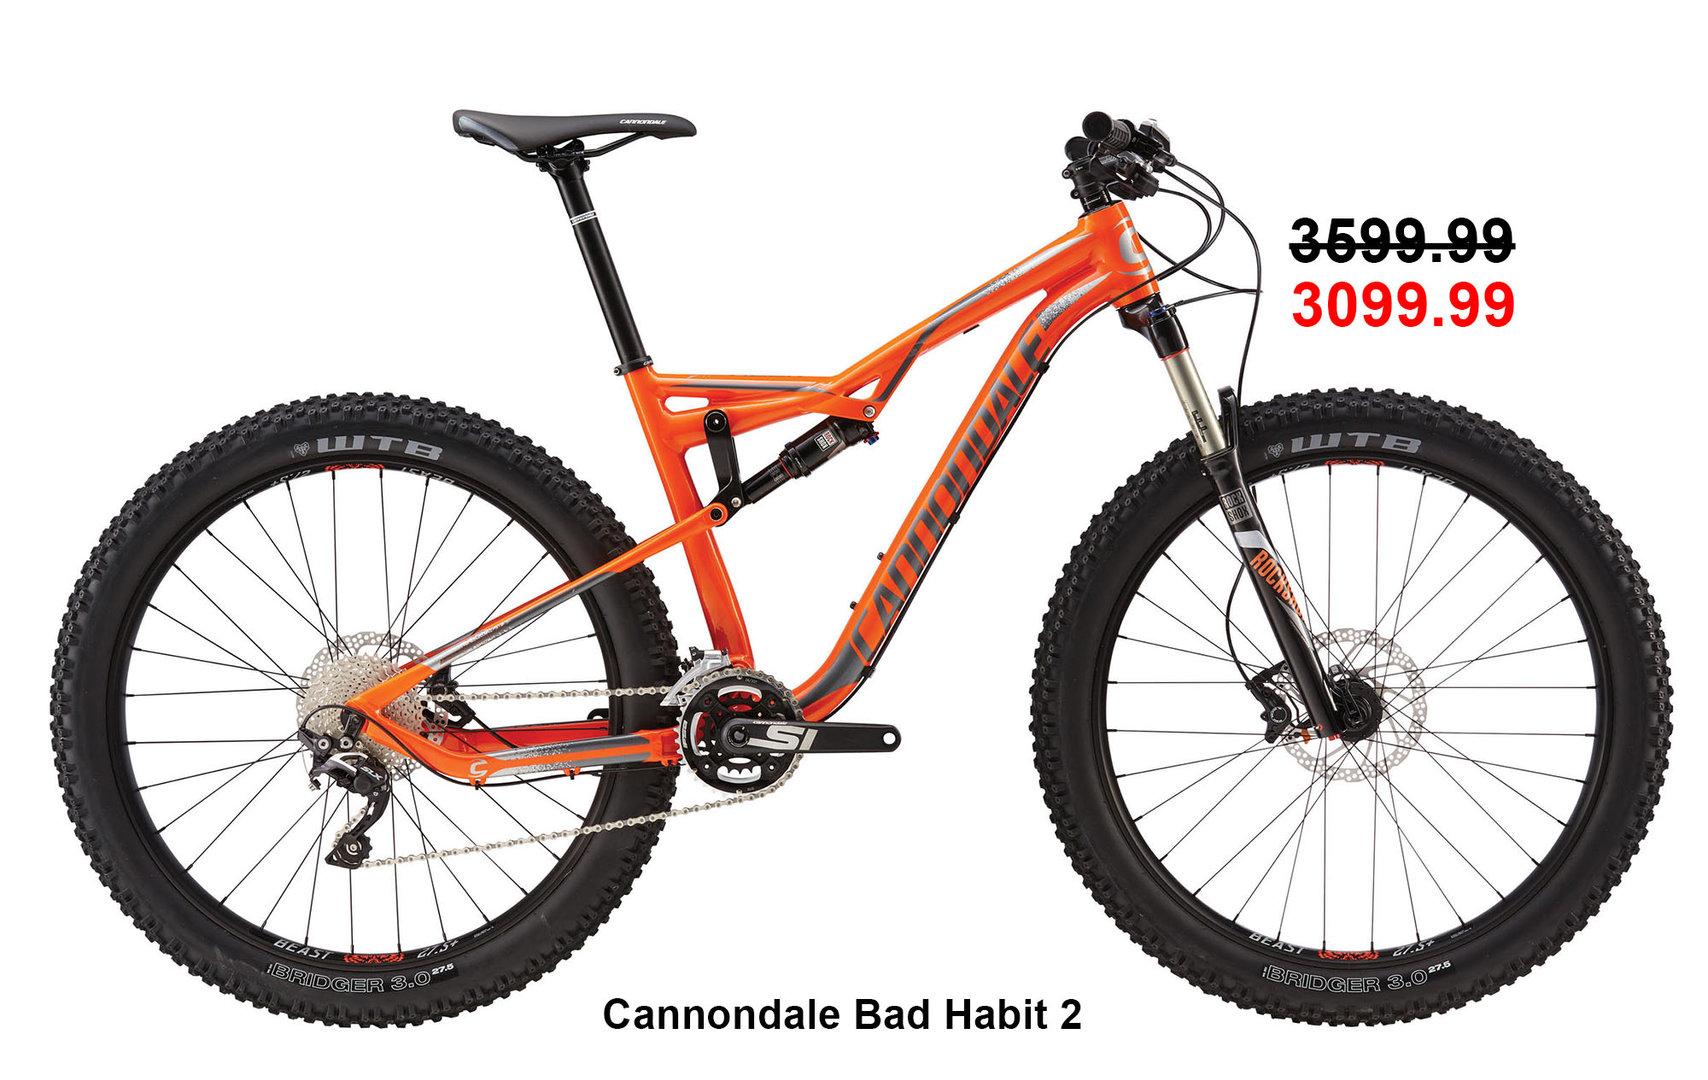 cannondale-bad-habit-1-copy-238769-1mod.